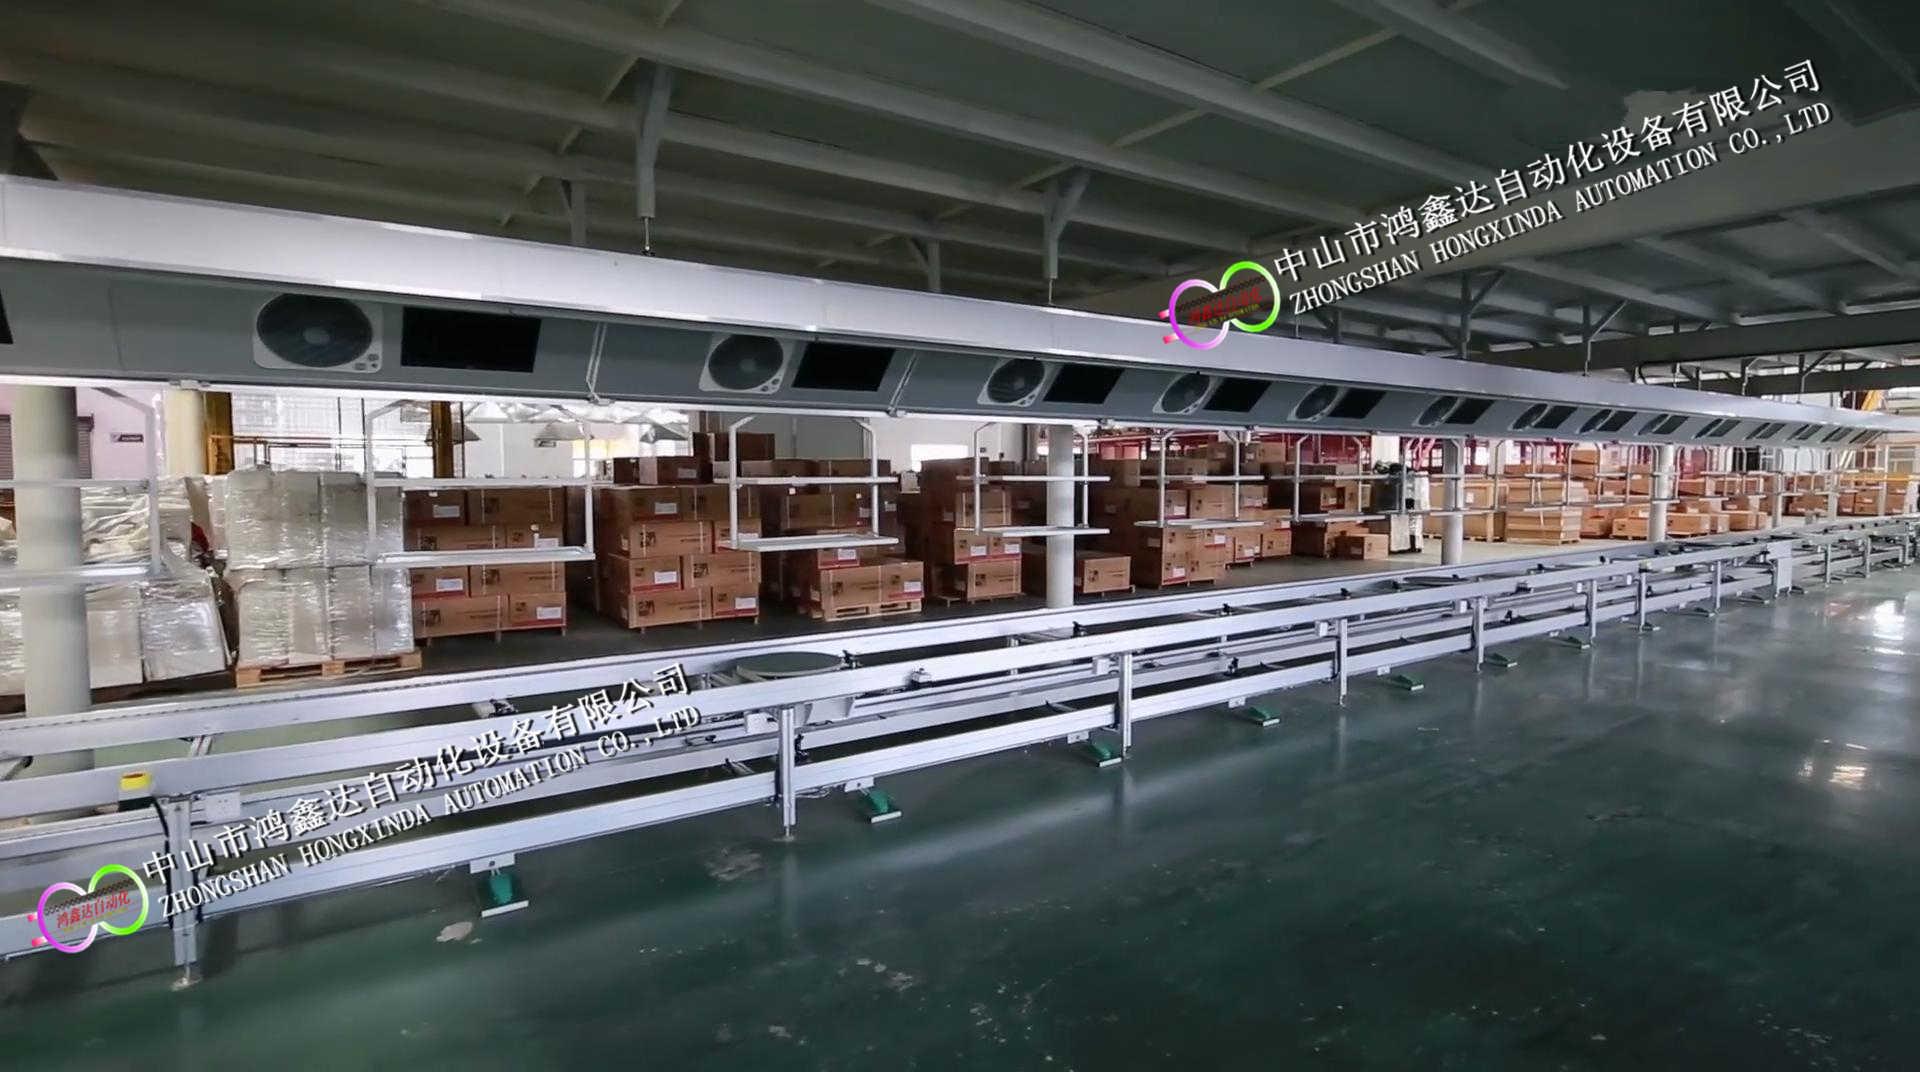 瑞马燃气壁挂炉生产检测设备及新增生产线展示-1080_20180117081838.JPG